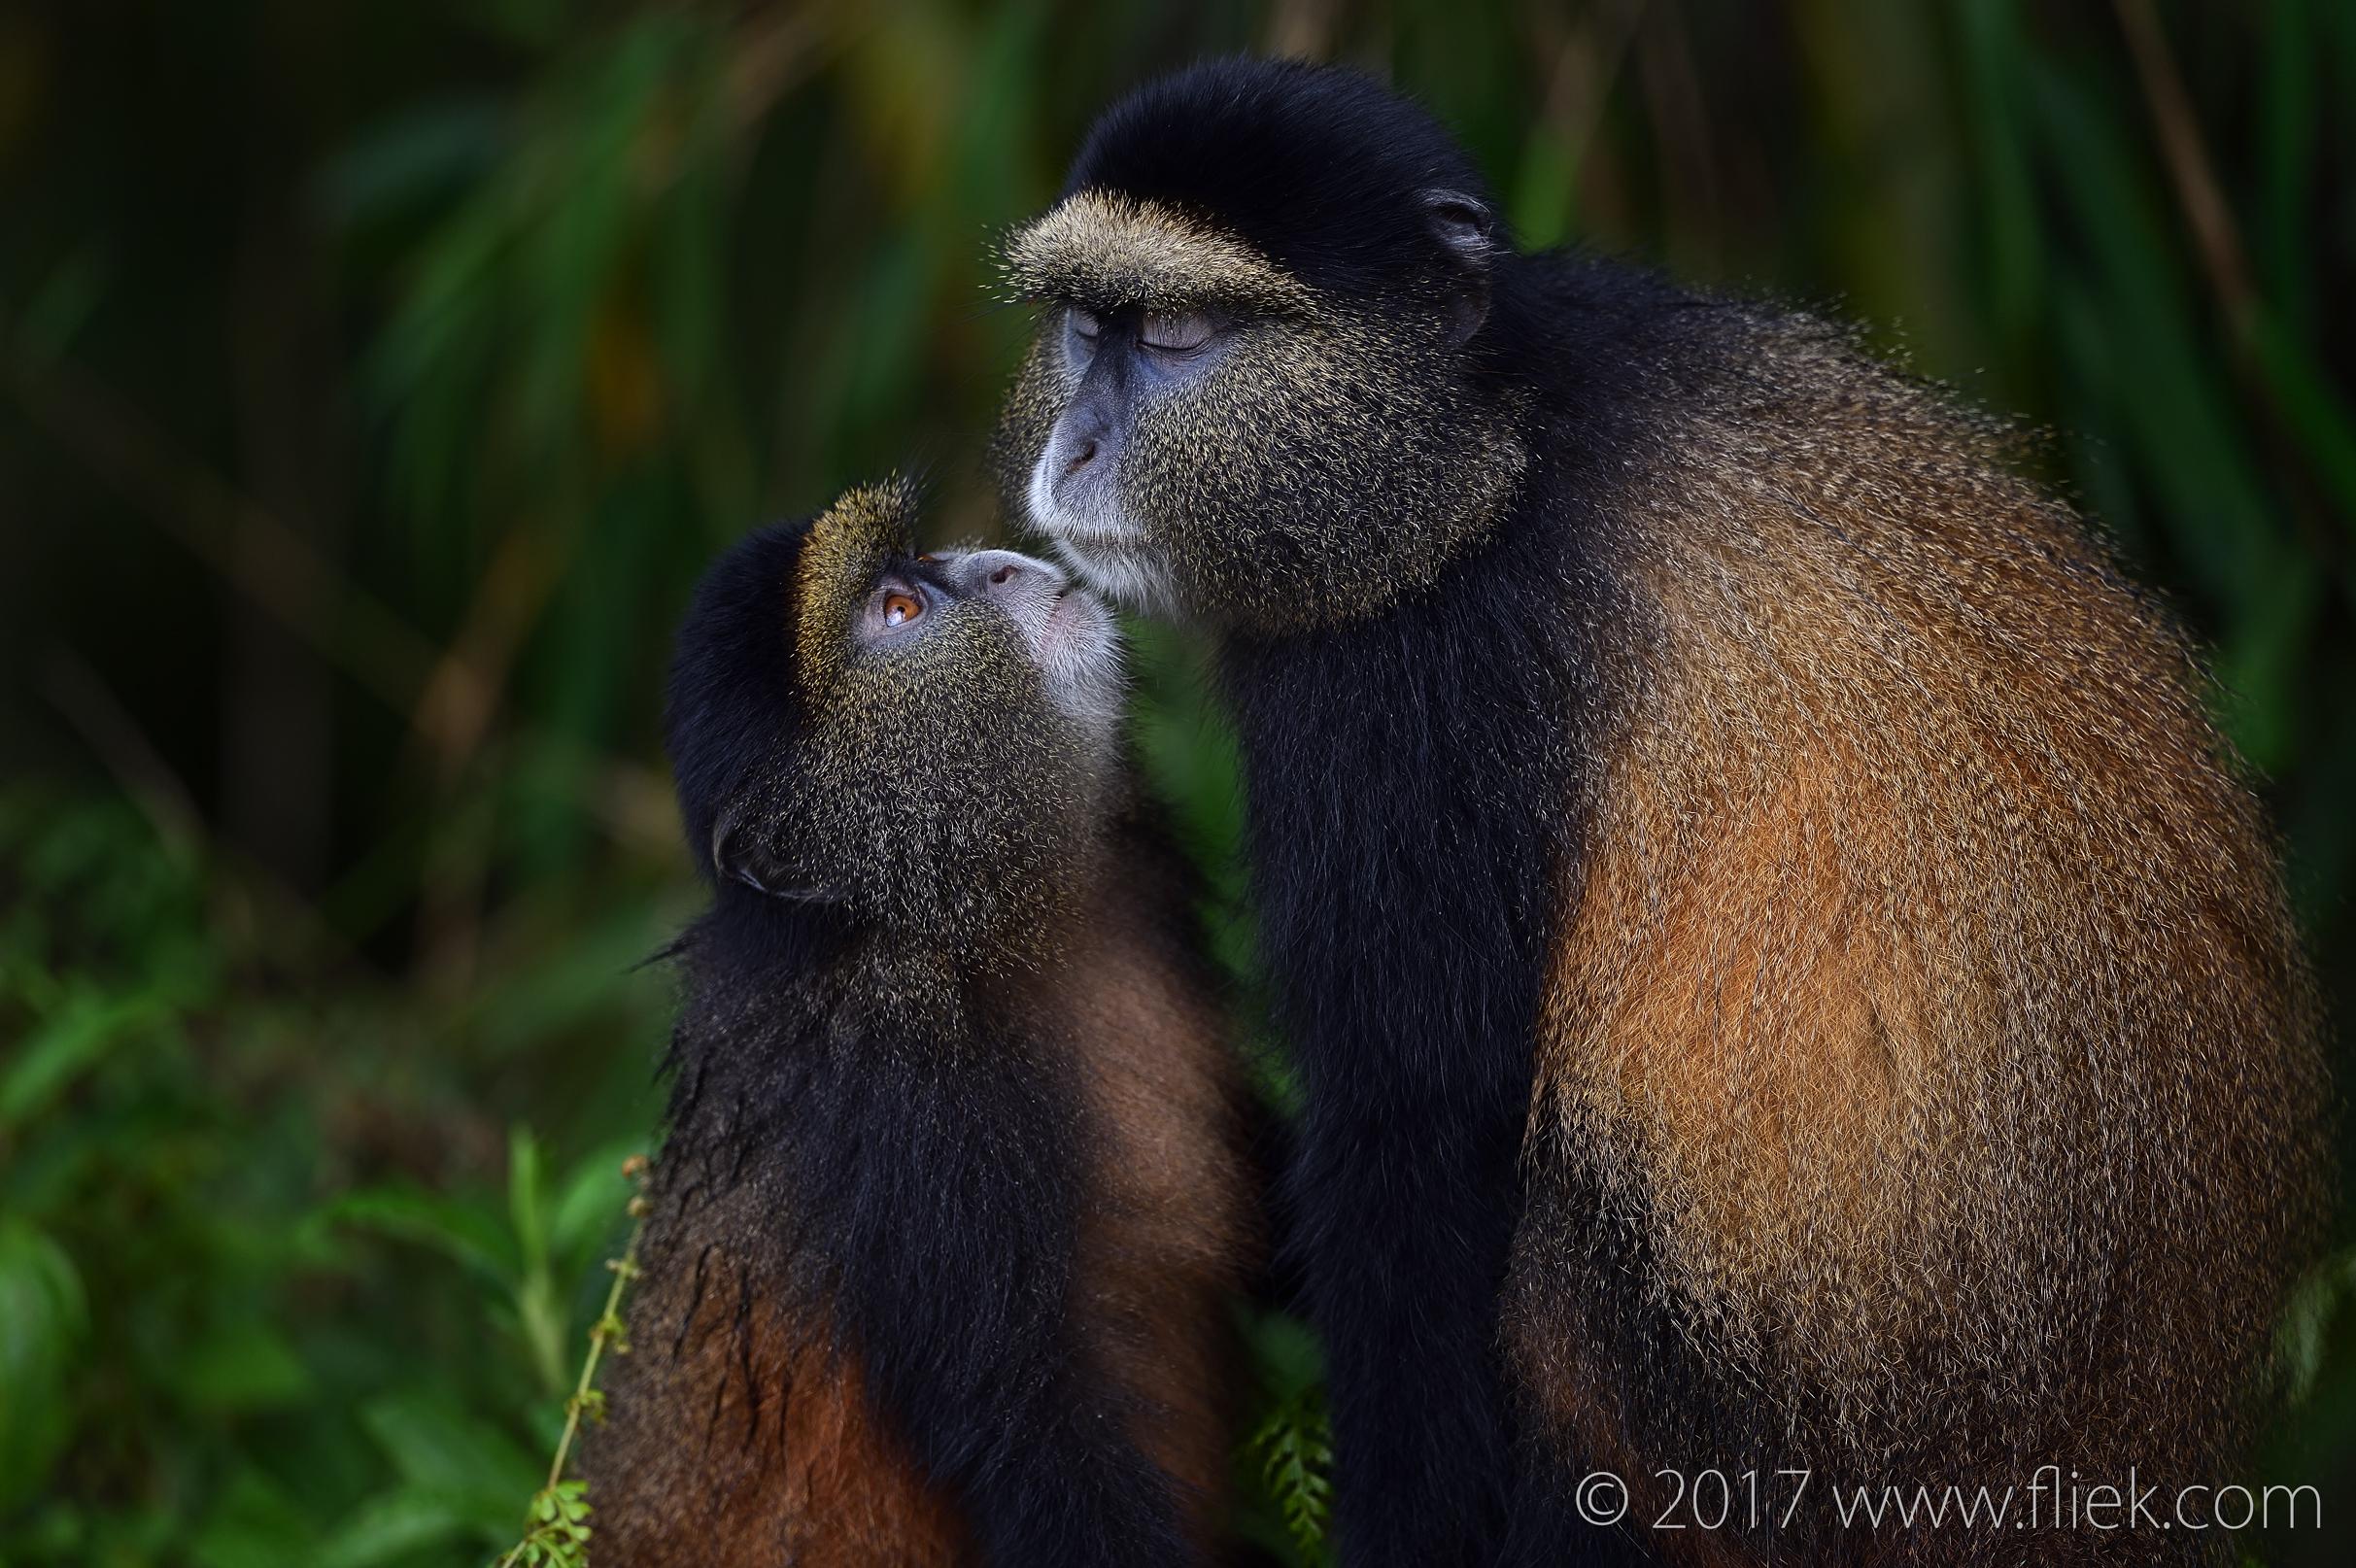 d4s-golden-monkey-begging